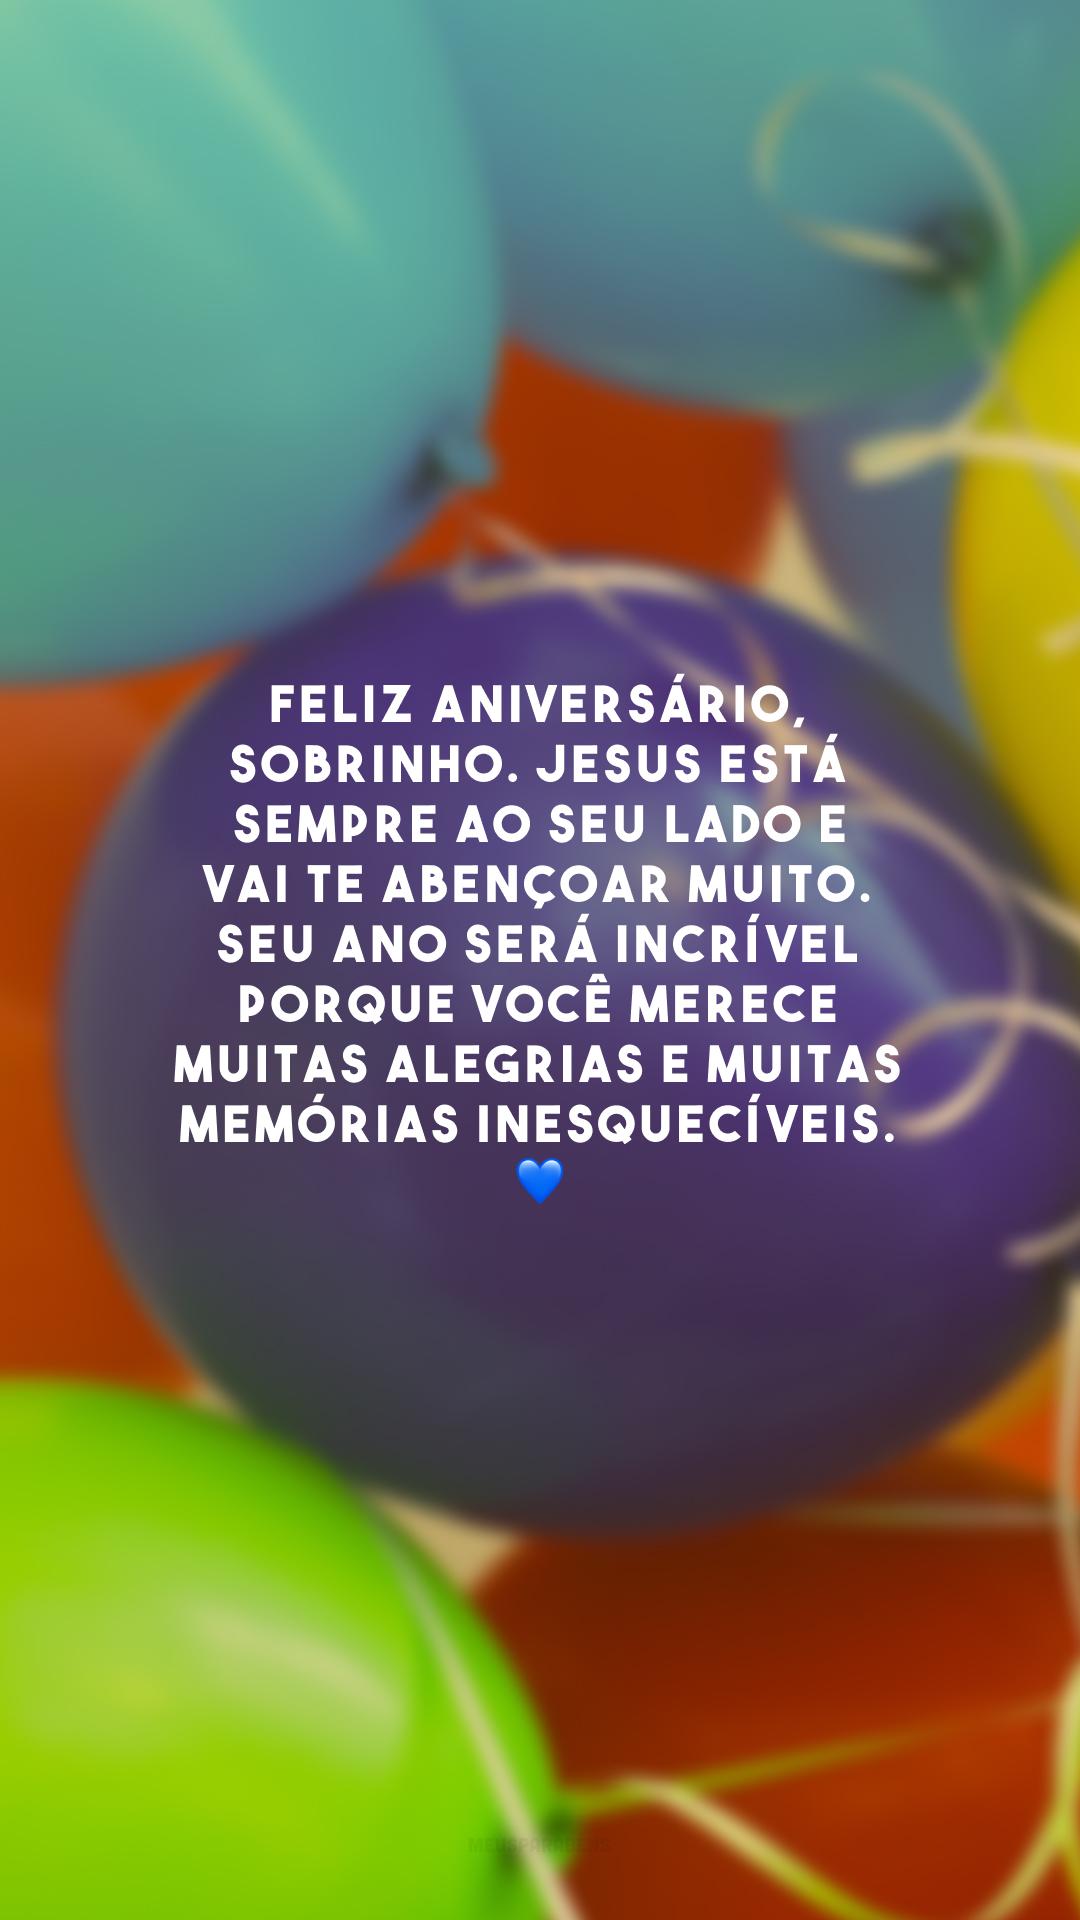 Feliz aniversário, sobrinho. Jesus está sempre ao seu lado e vai te abençoar muito. Seu ano será incrível porque você merece muitas alegrias e muitas memórias inesquecíveis. 💙